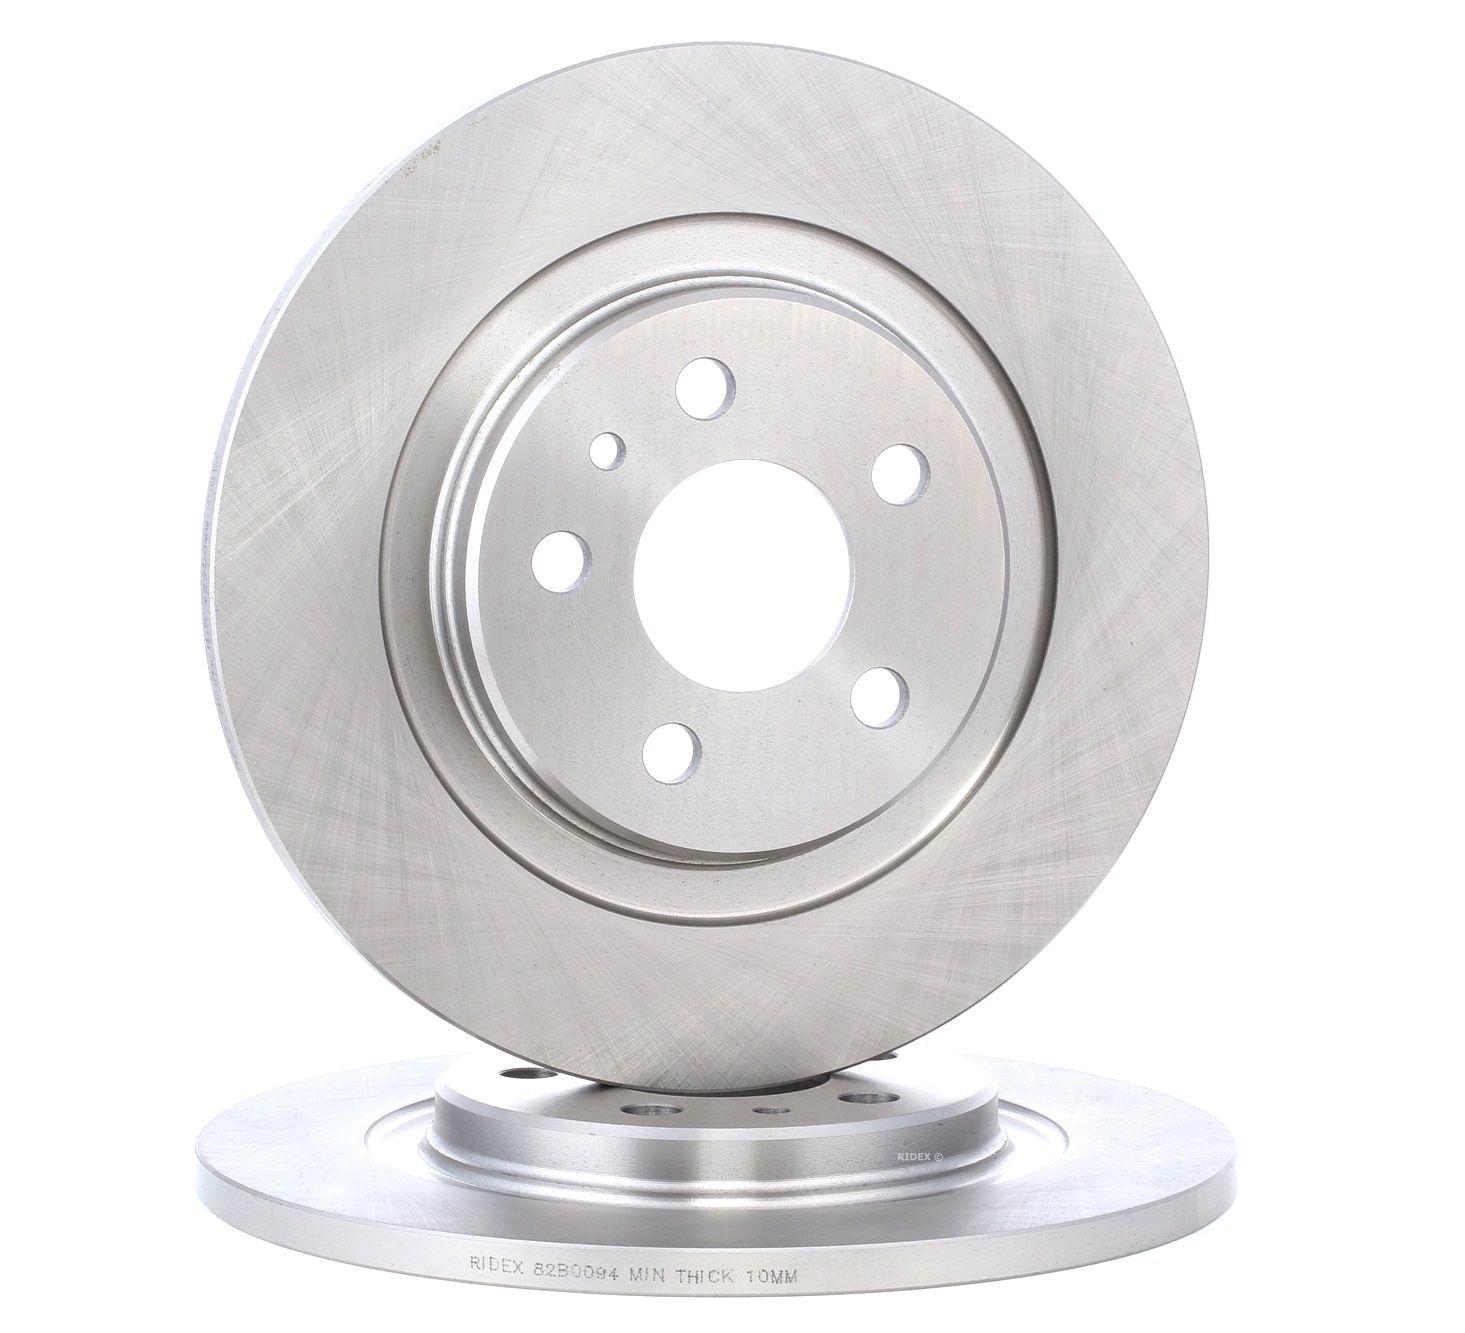 Achat de 82B0094 RIDEX Essieu arrière, plein, sans vis/boulons Ø: 272mm, Nbre de trous: 5, Épaisseur du disque de frein: 12mm Disque de frein 82B0094 pas chères